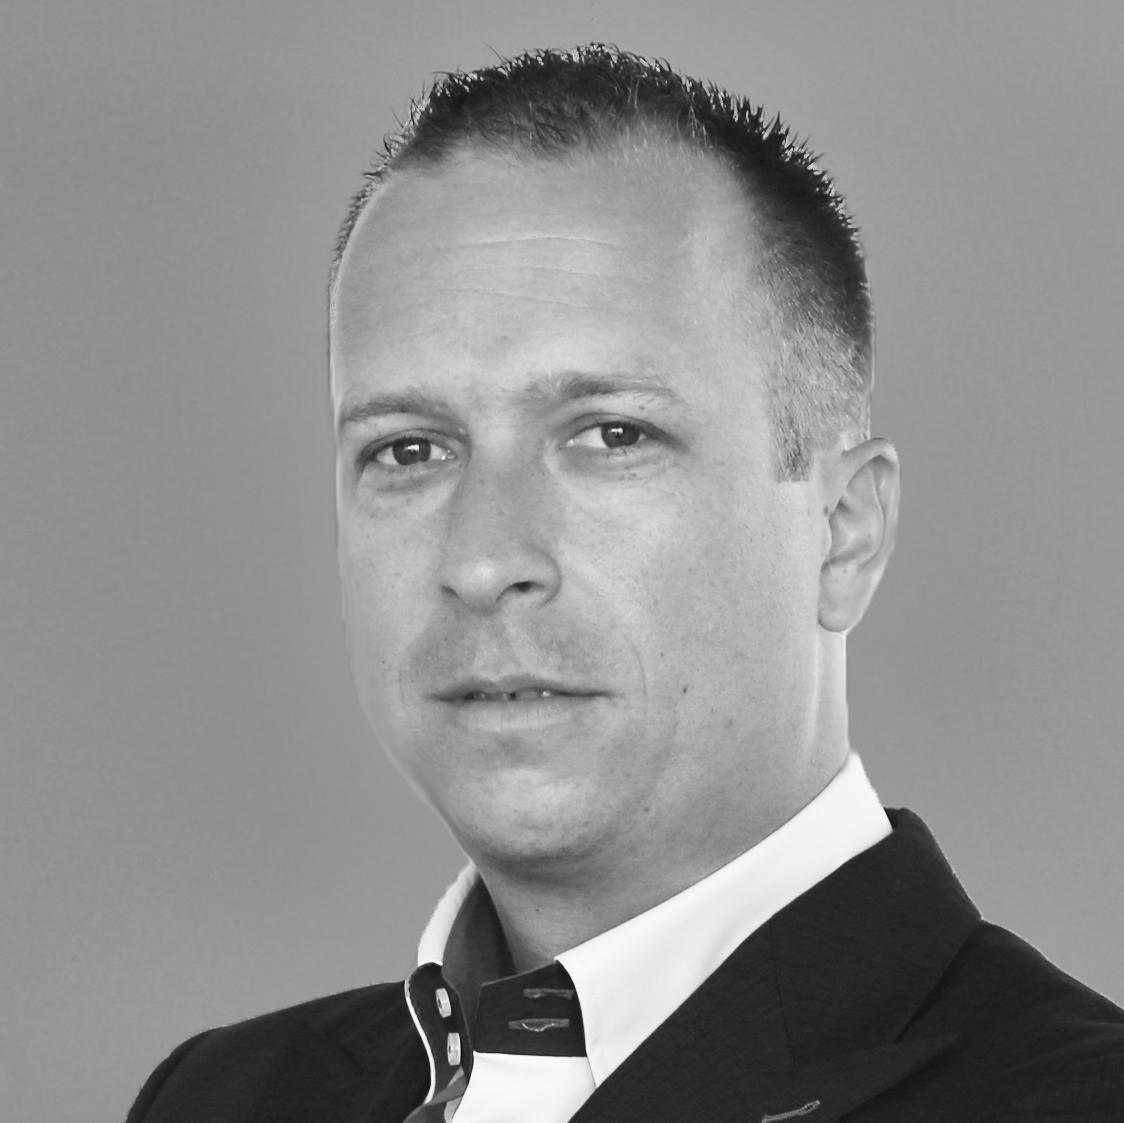 Tomáš Polerecký